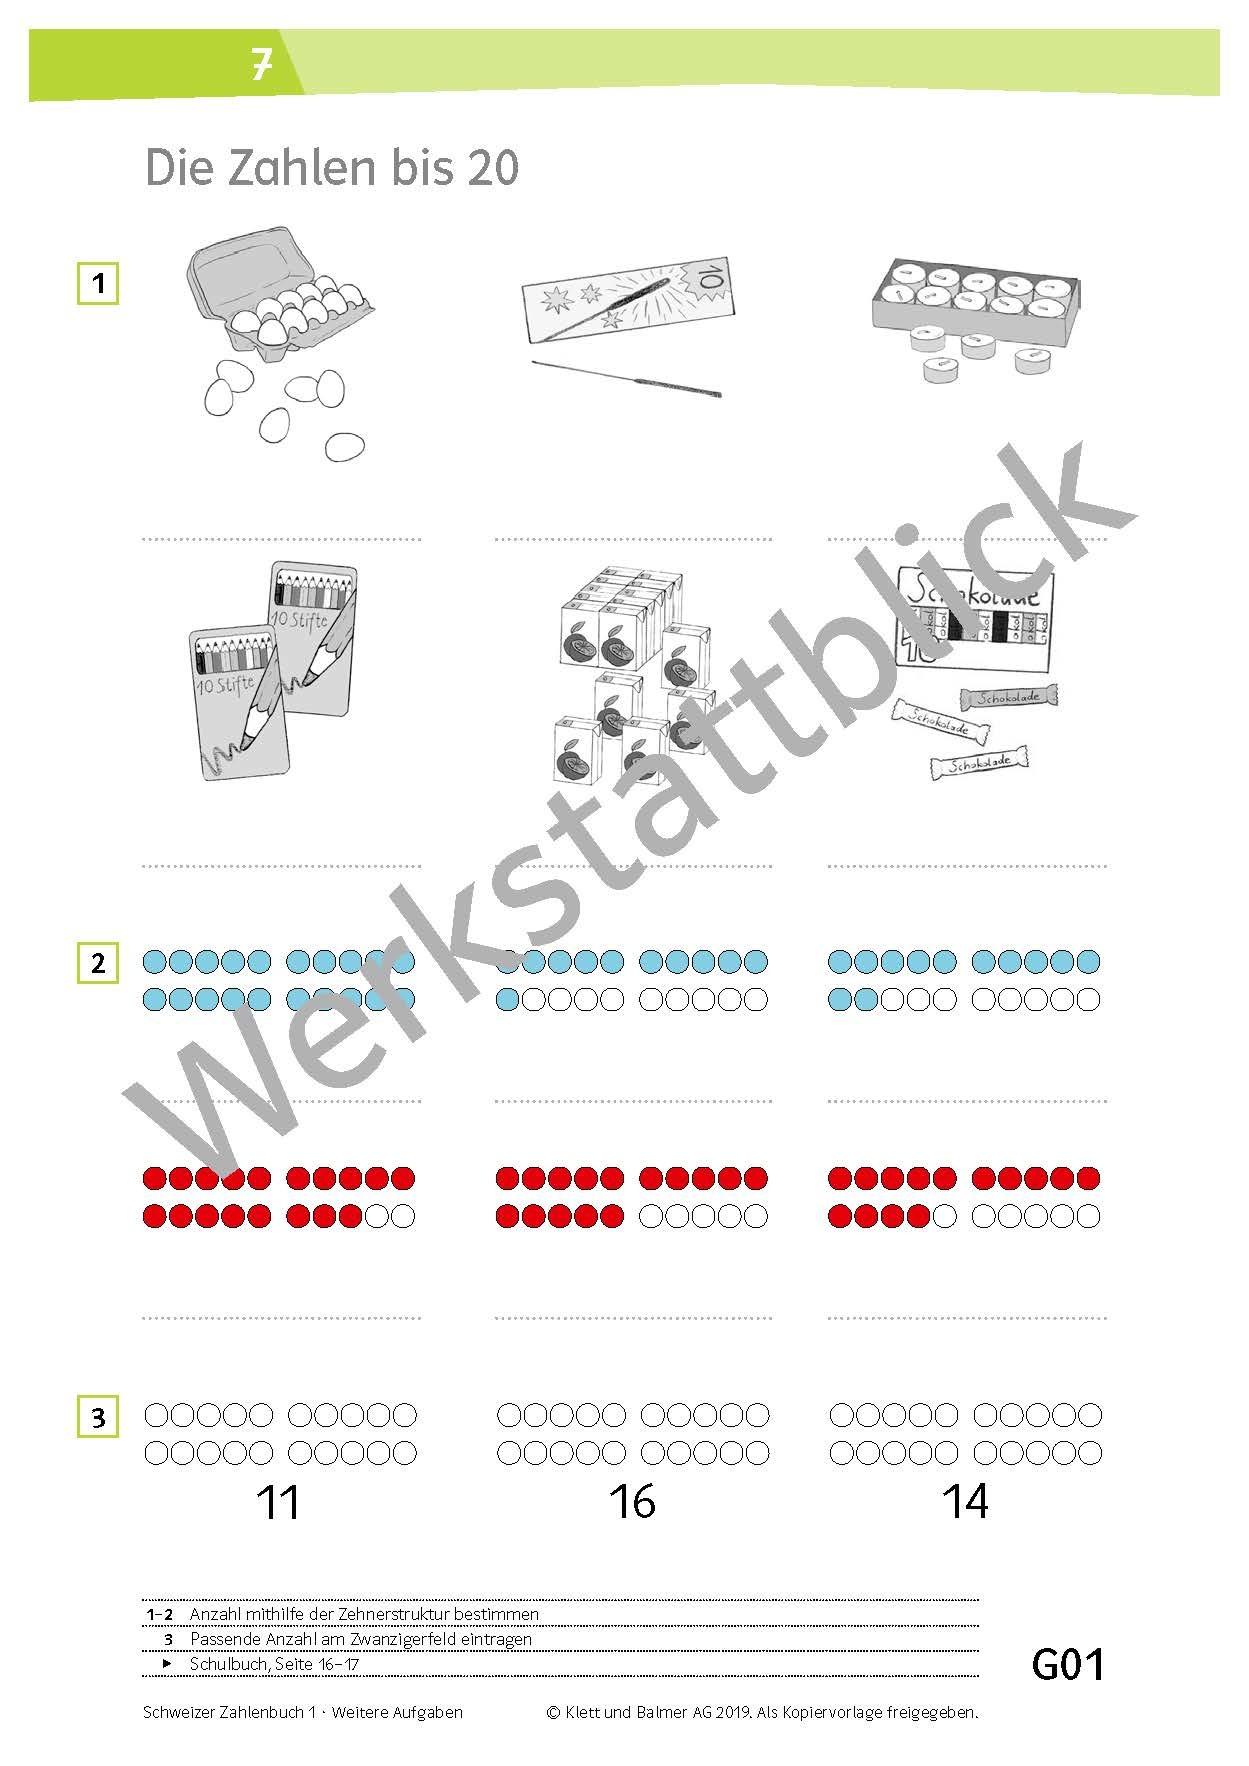 978 3 264 84708 6 Sch Z1 online mat werkstatt Seite 4